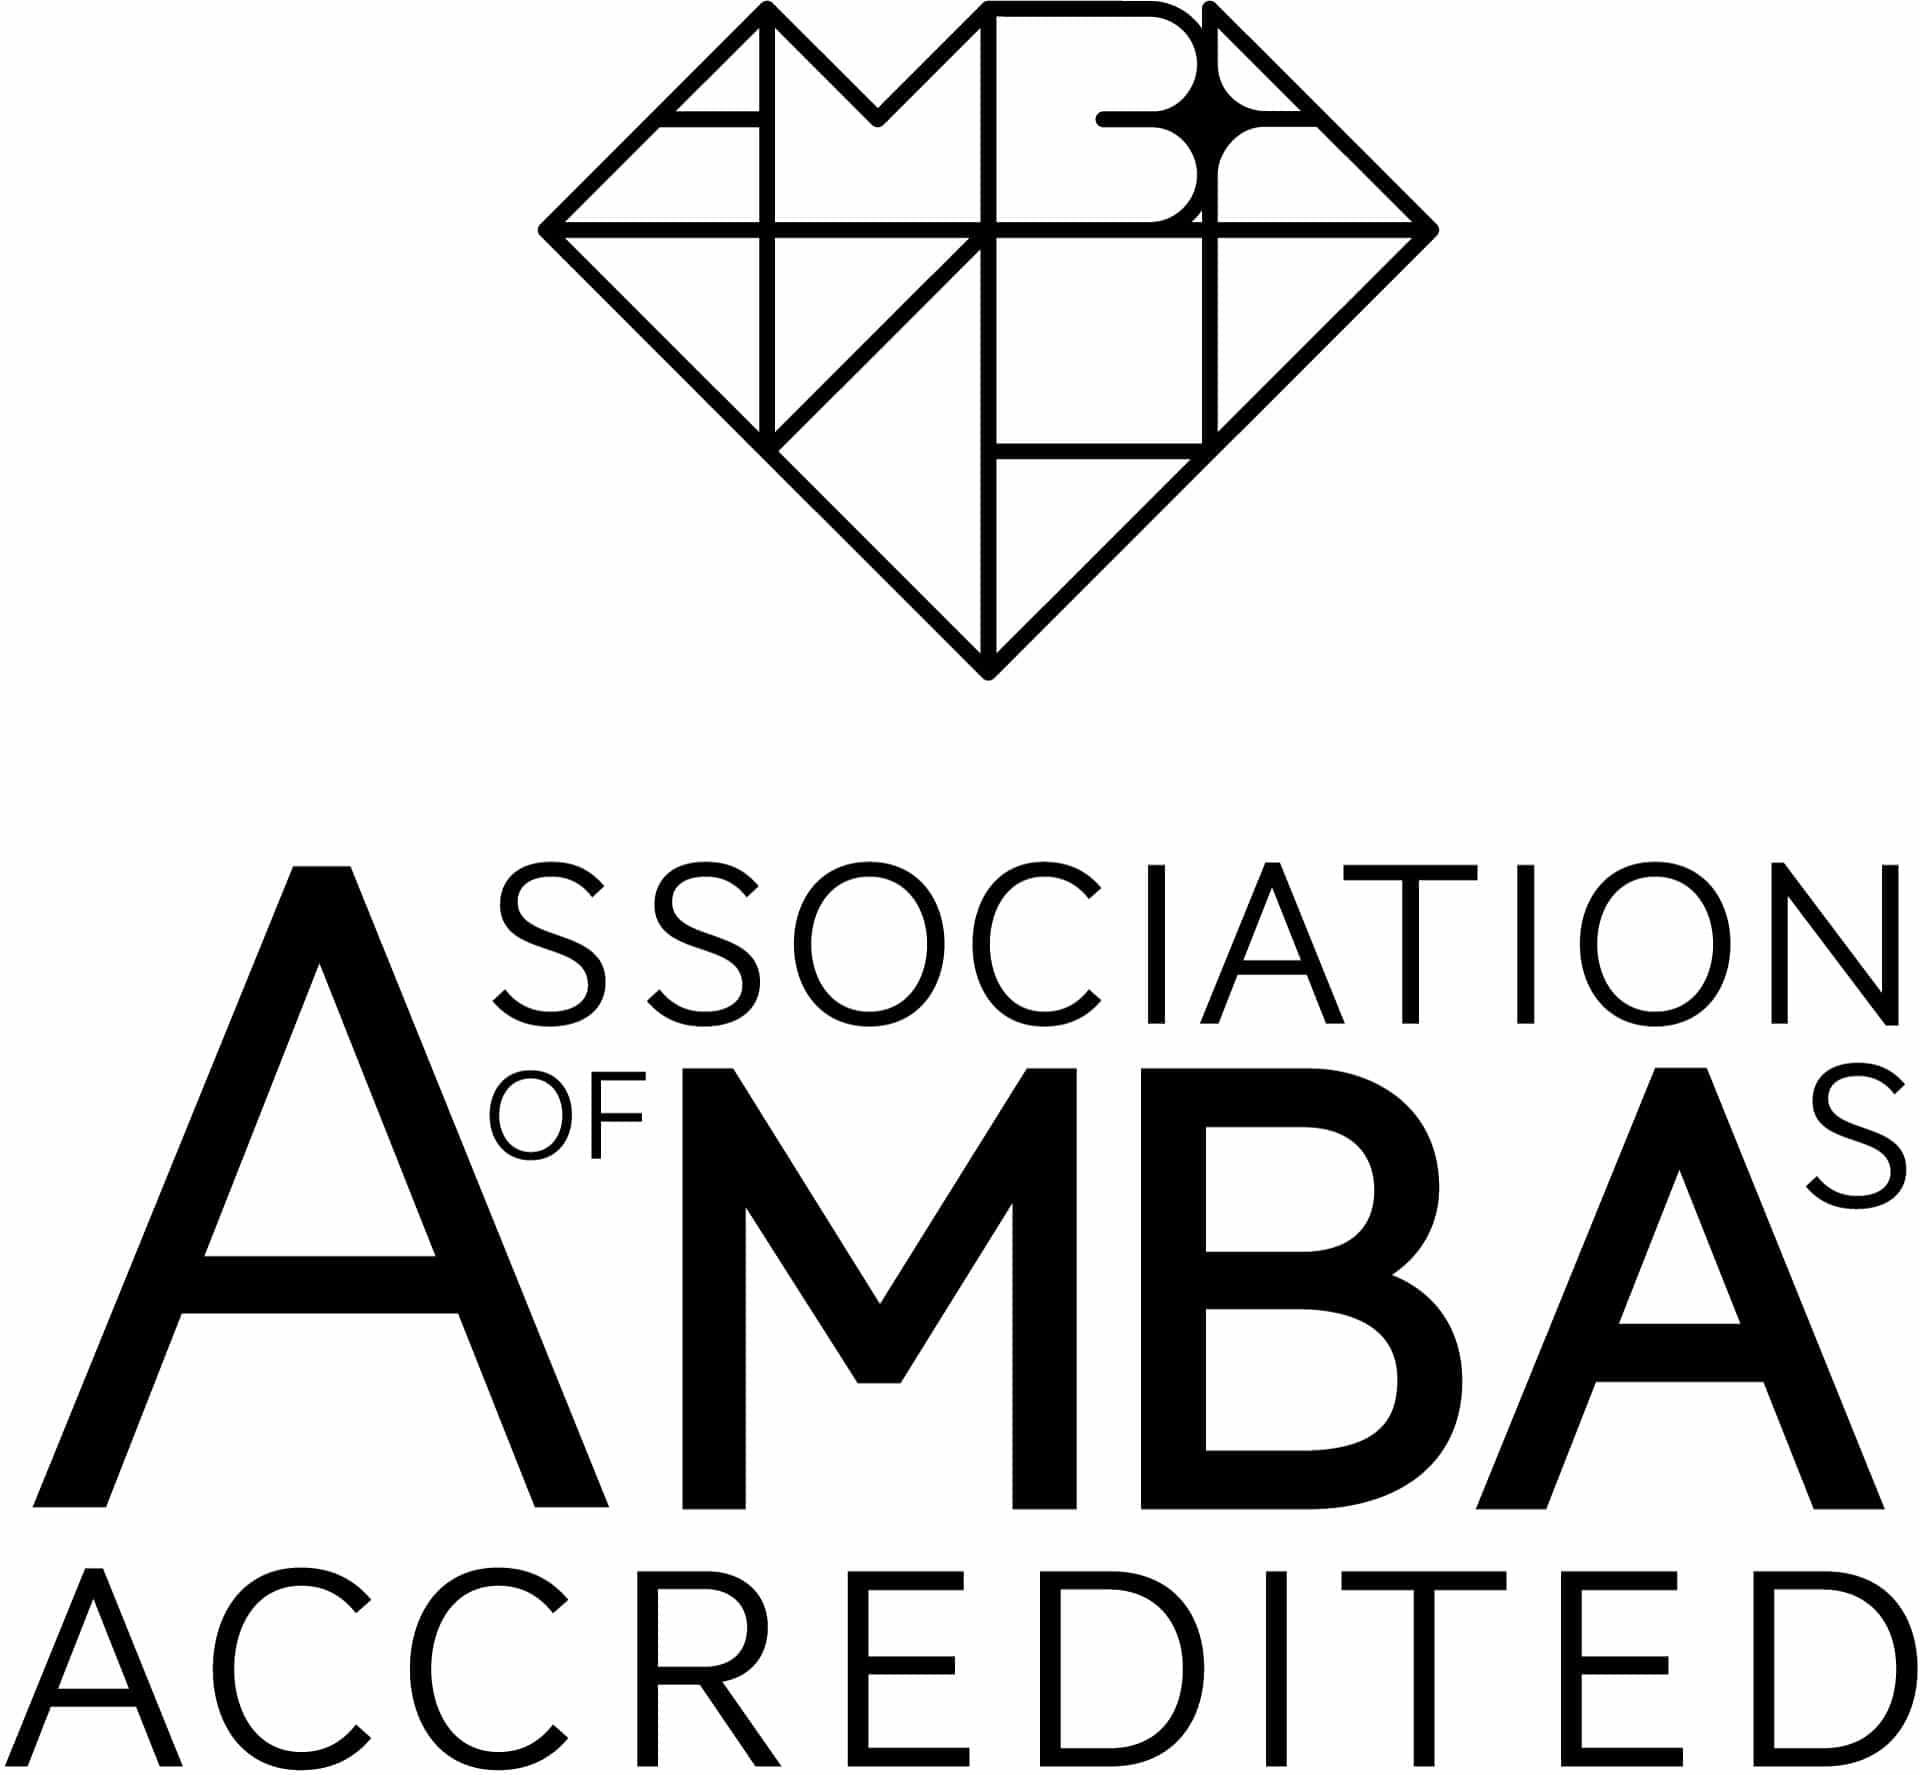 AMBA-logo-stacked-black-accredited